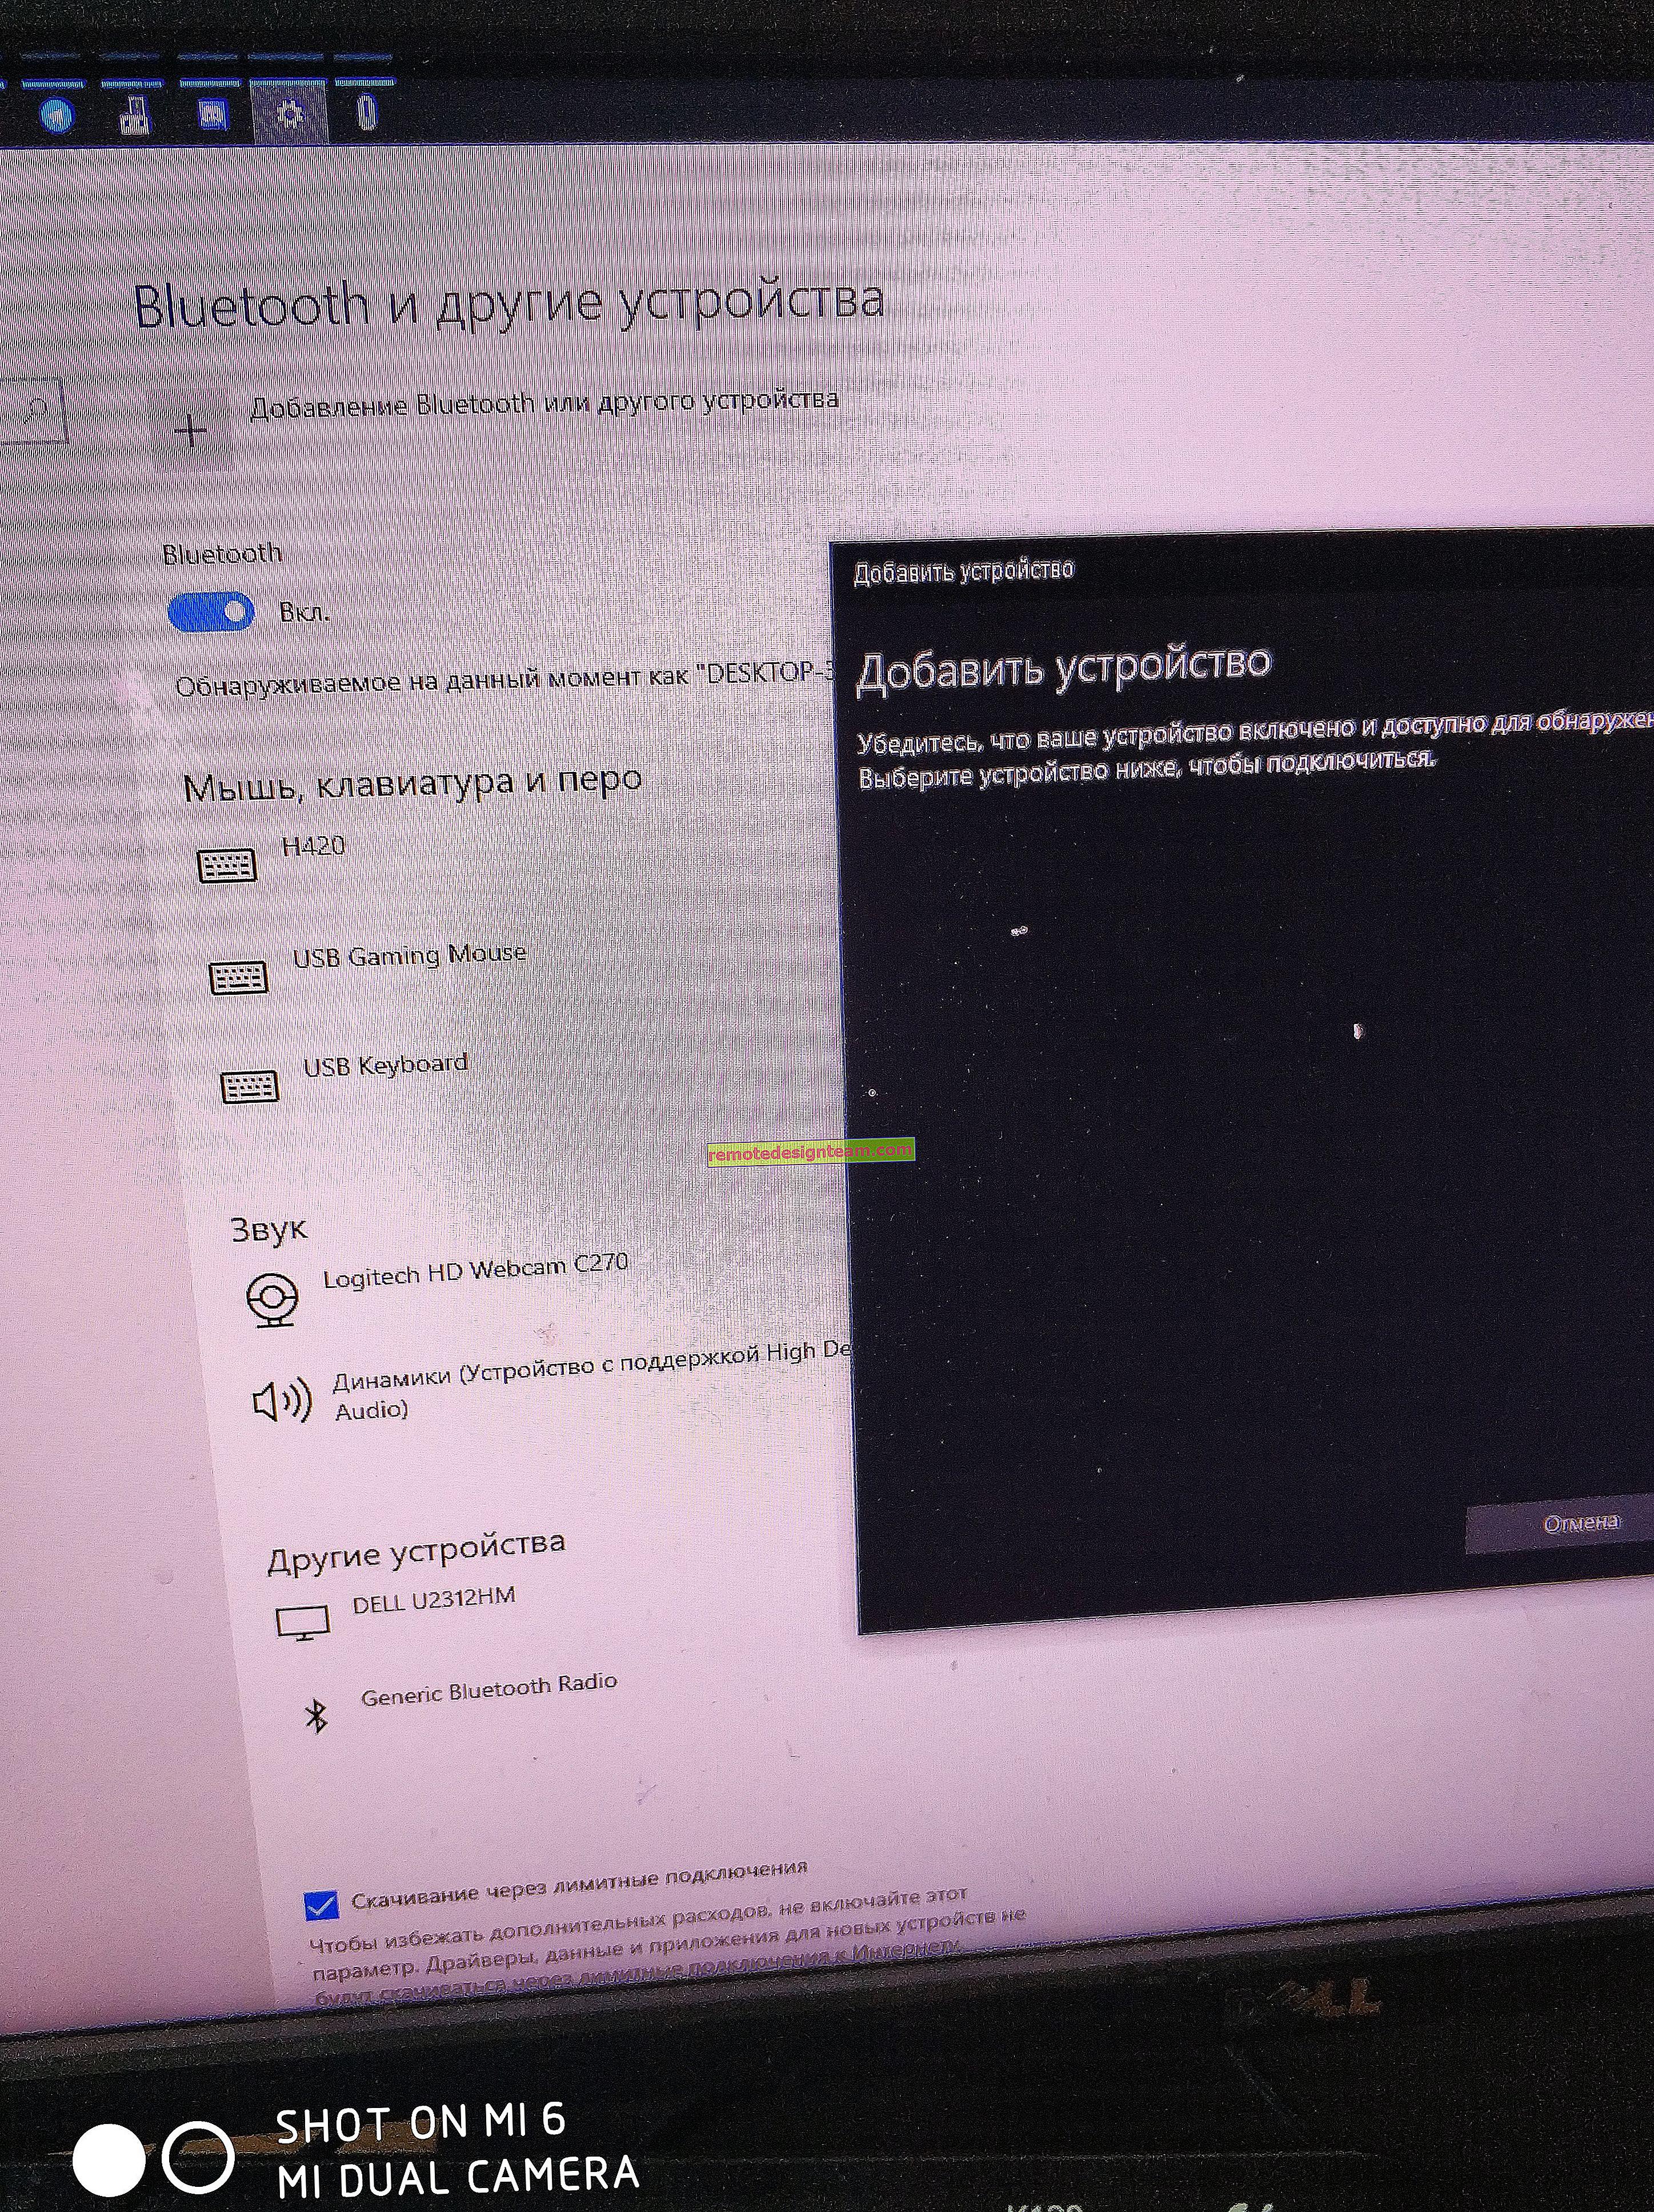 Konfigurowanie Bluetooth na komputerze (PC). Podłączenie adaptera Bluetooth i instalacja sterownika